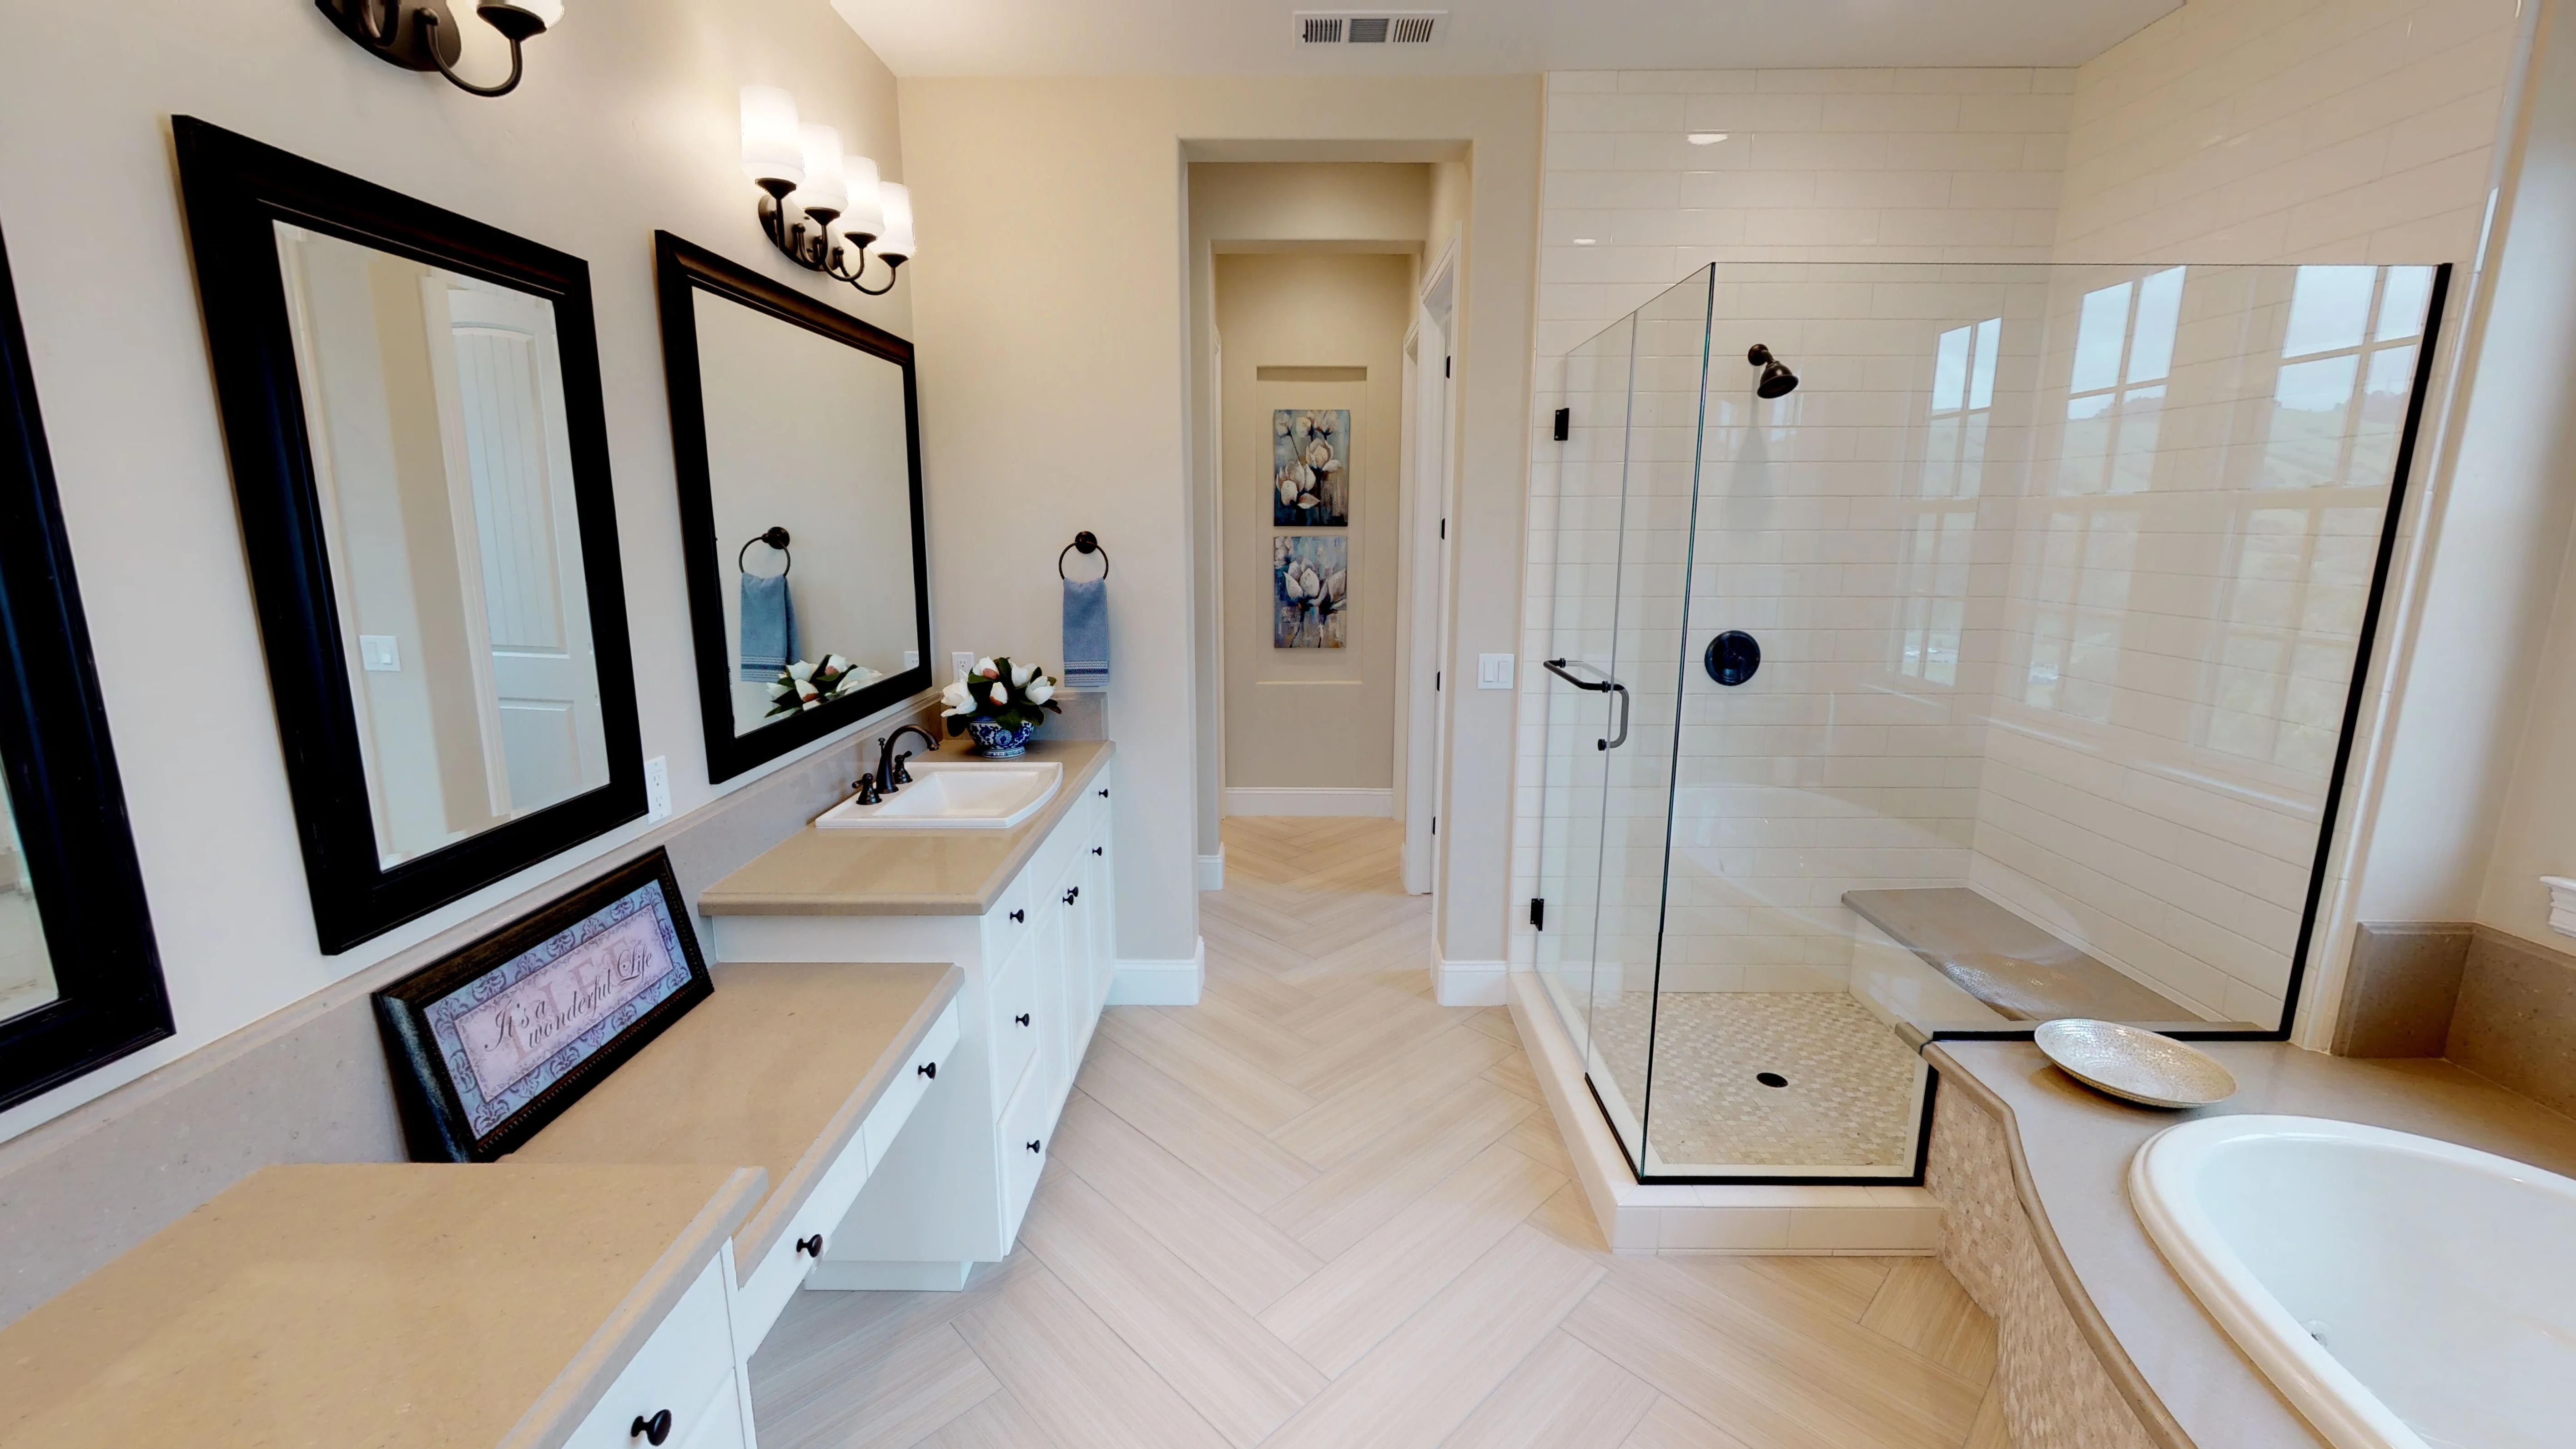 Shower room tiles design   Elite Builder Services